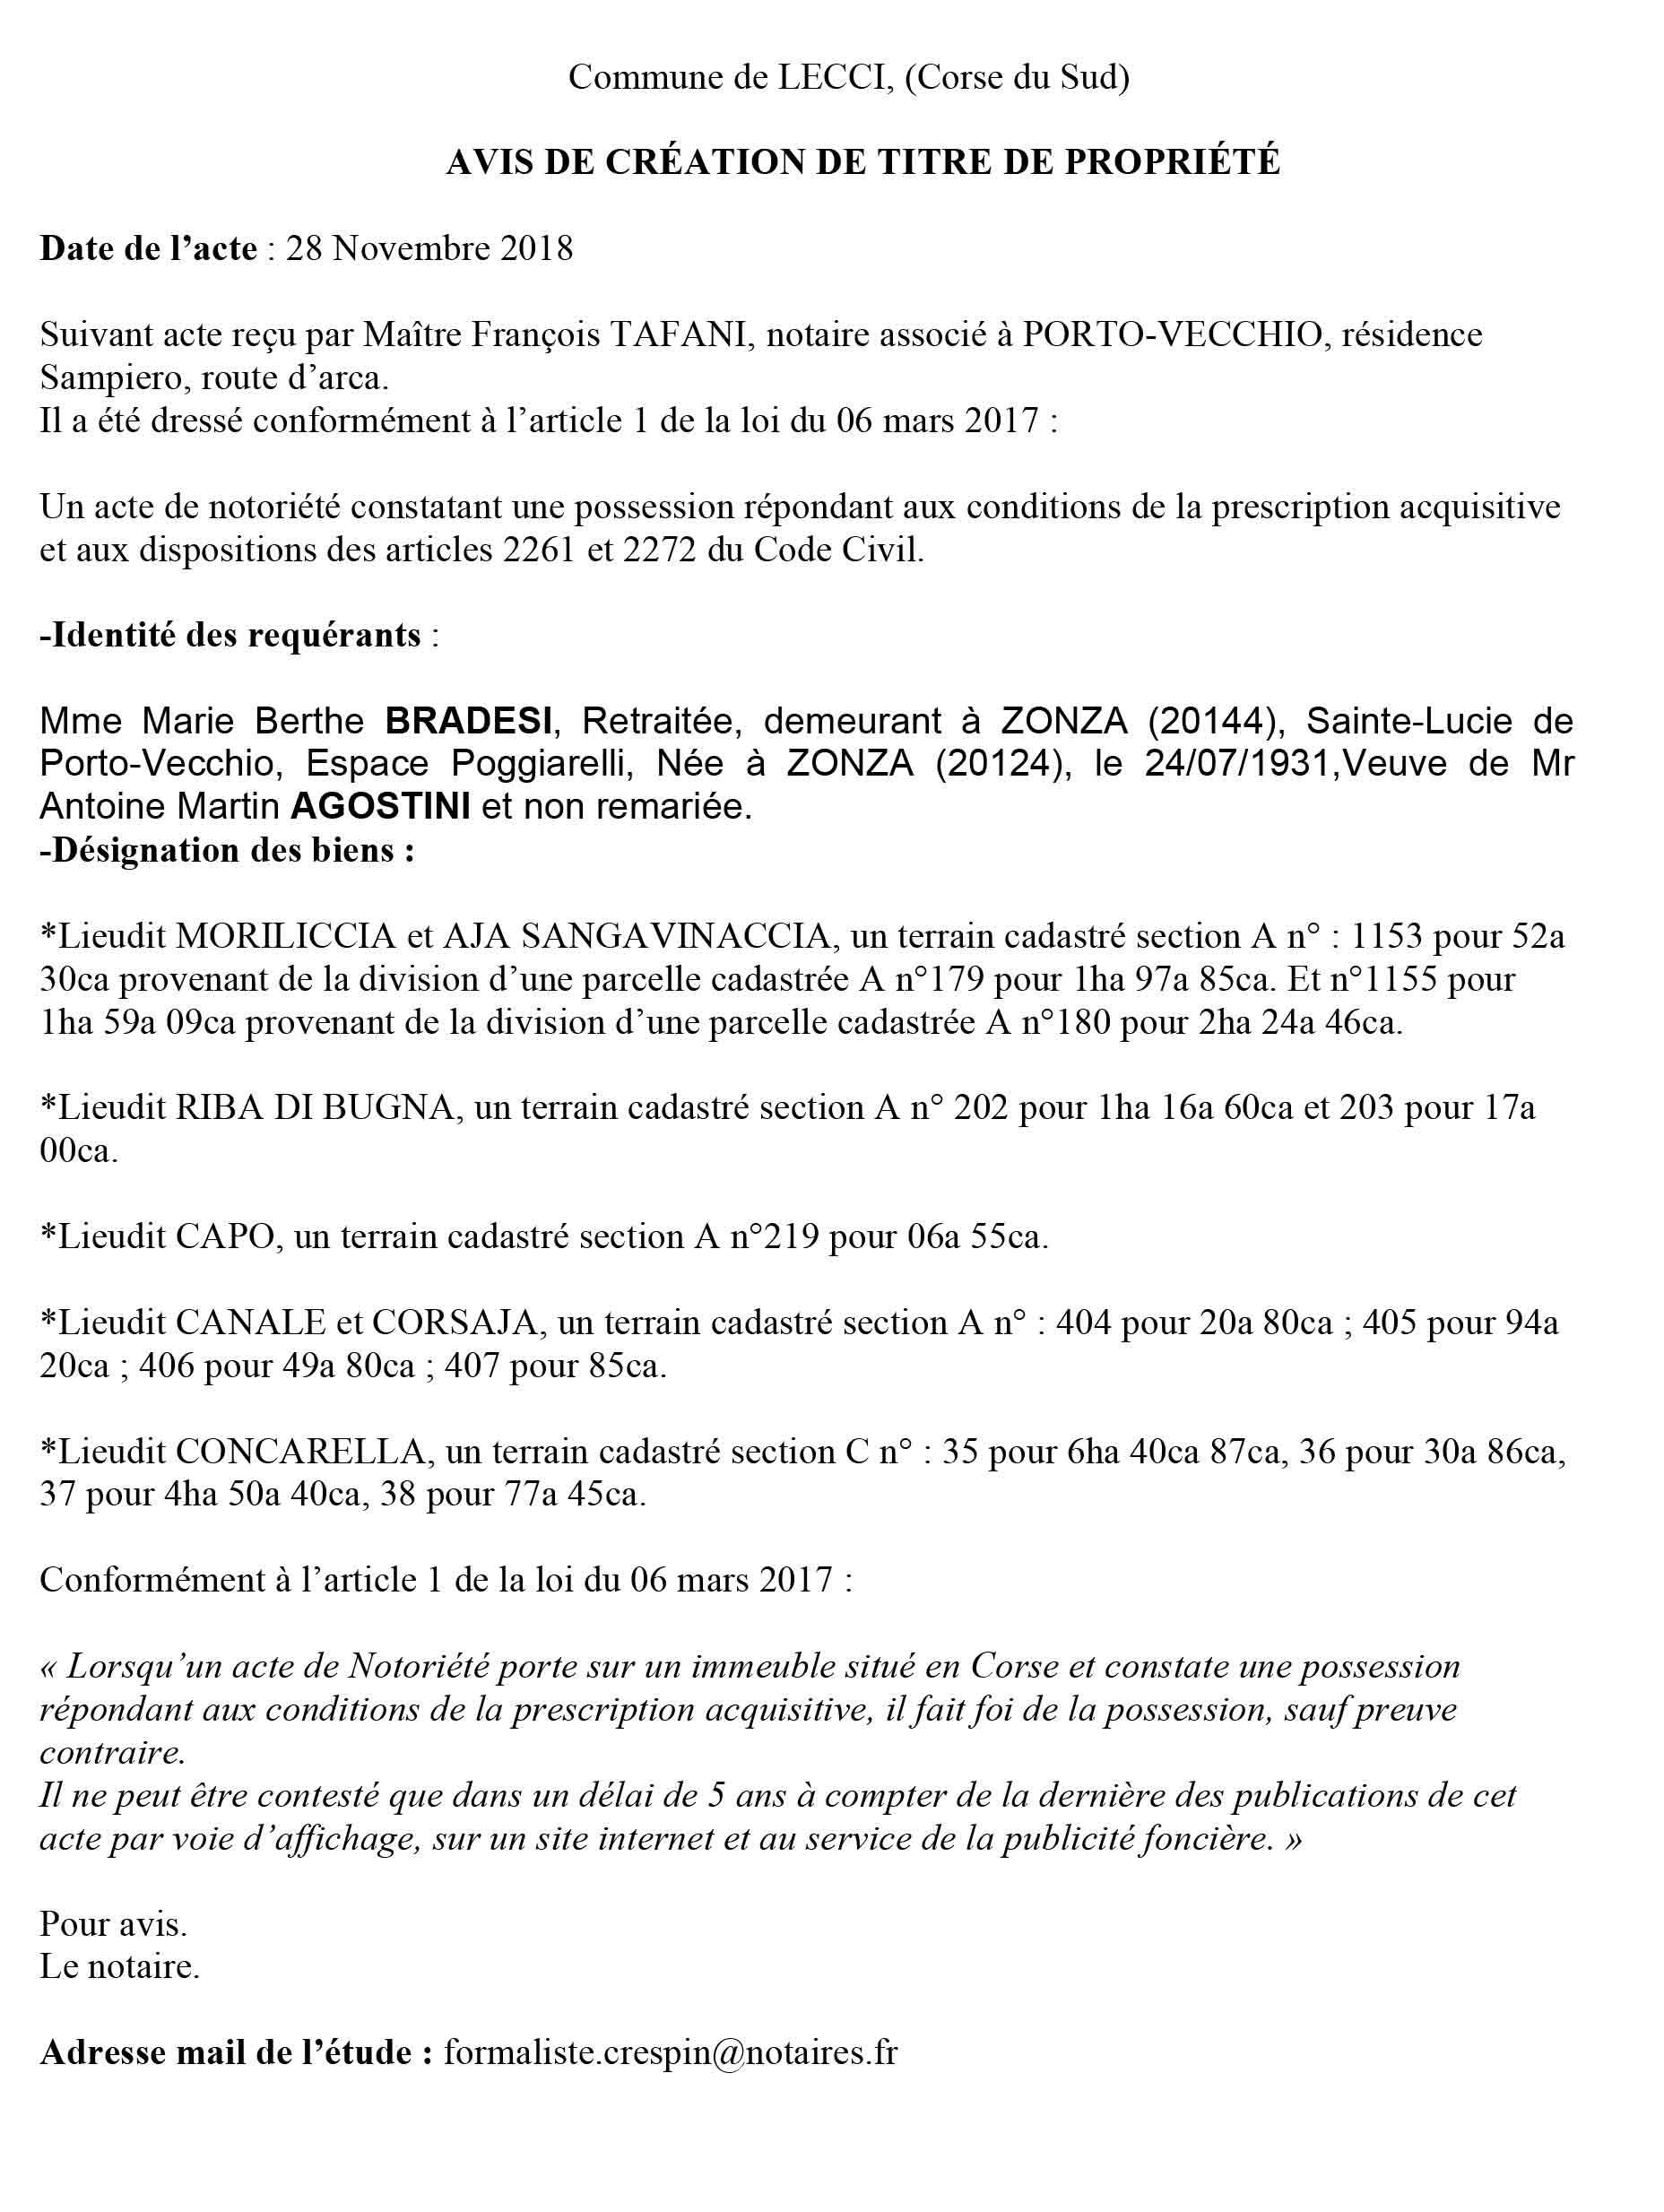 Avis de création de titre de propriété - commune de Lecci (Corse du Sud)